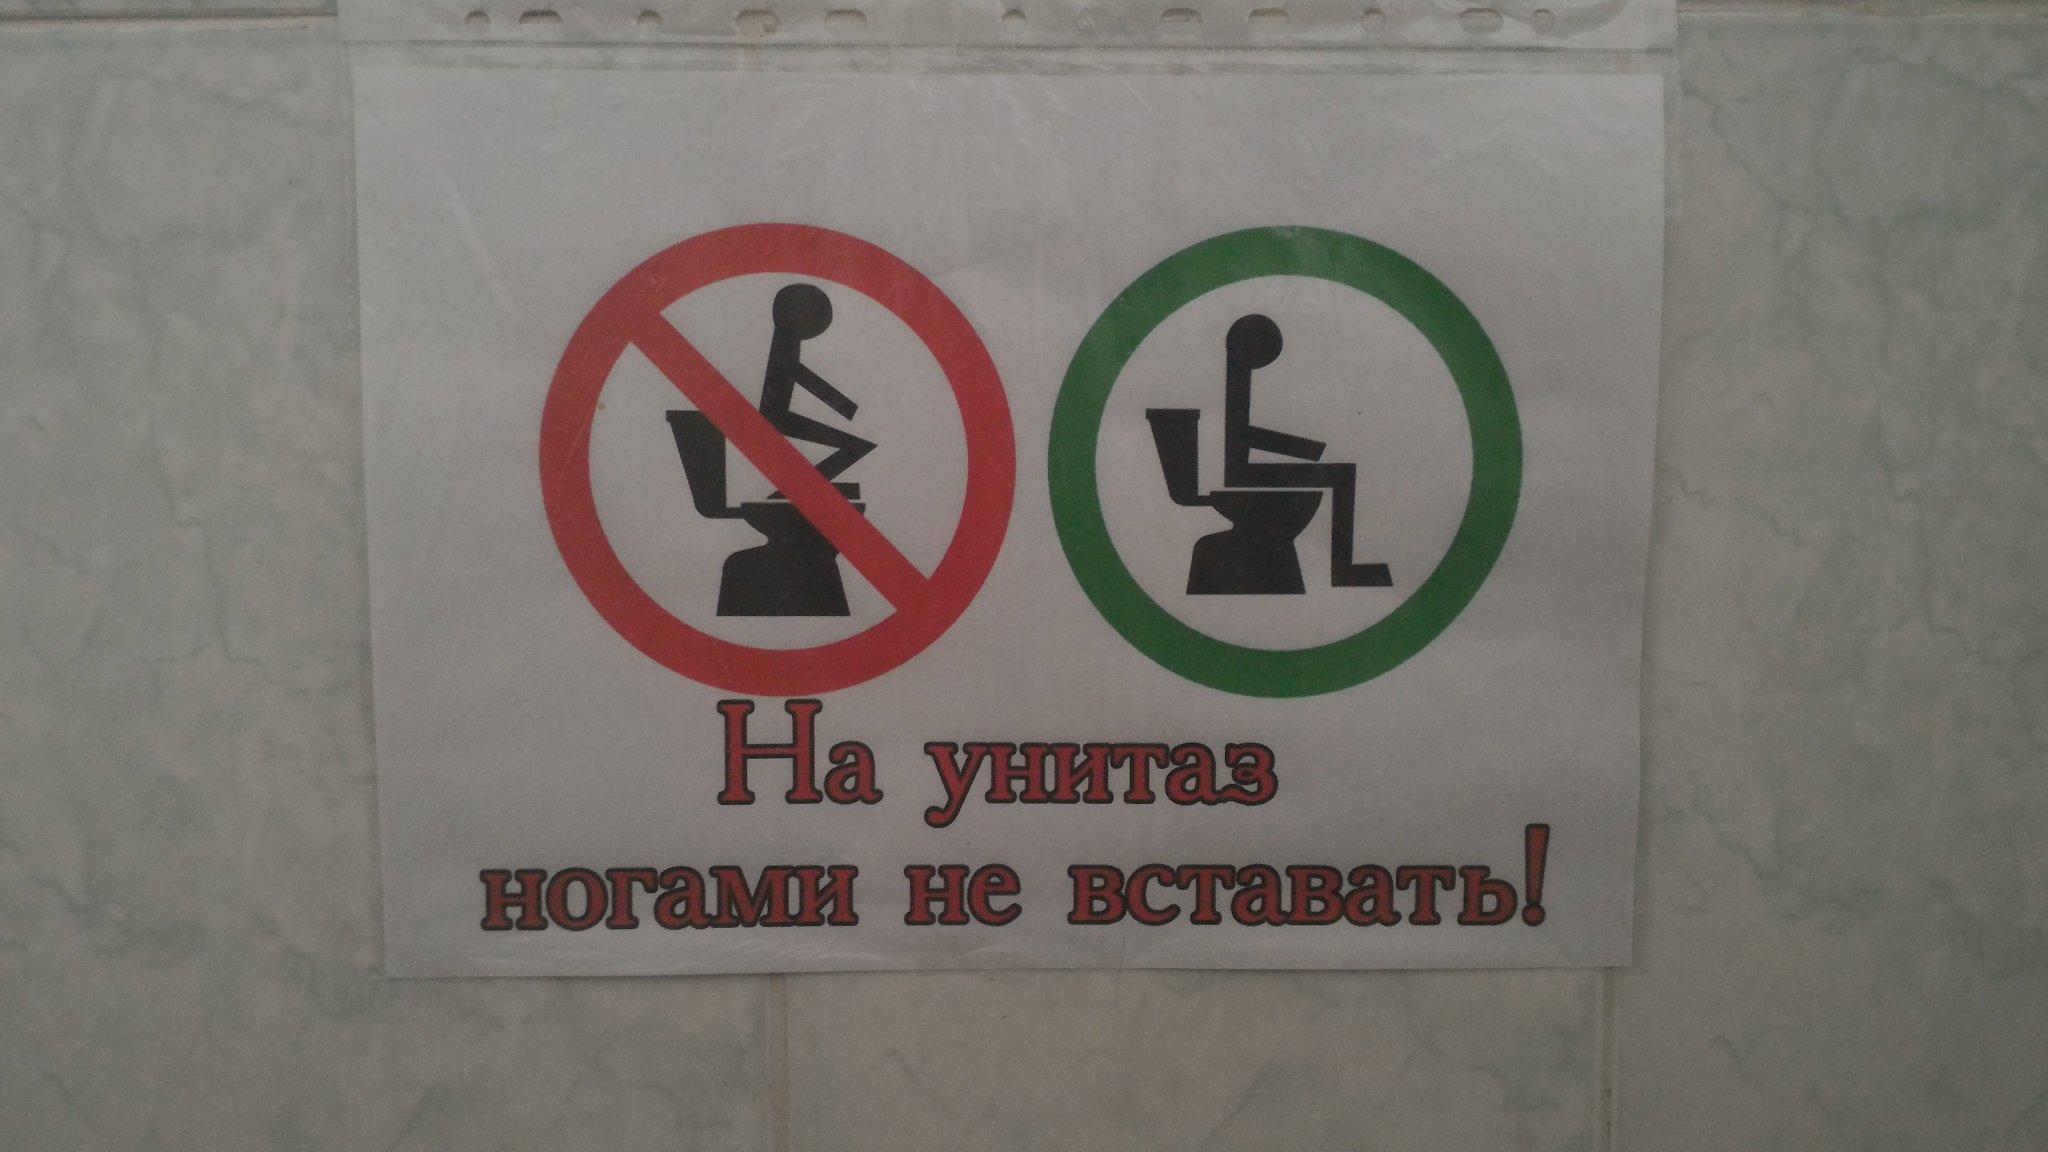 Дню, прикольные картинки как пользоваться туалетом